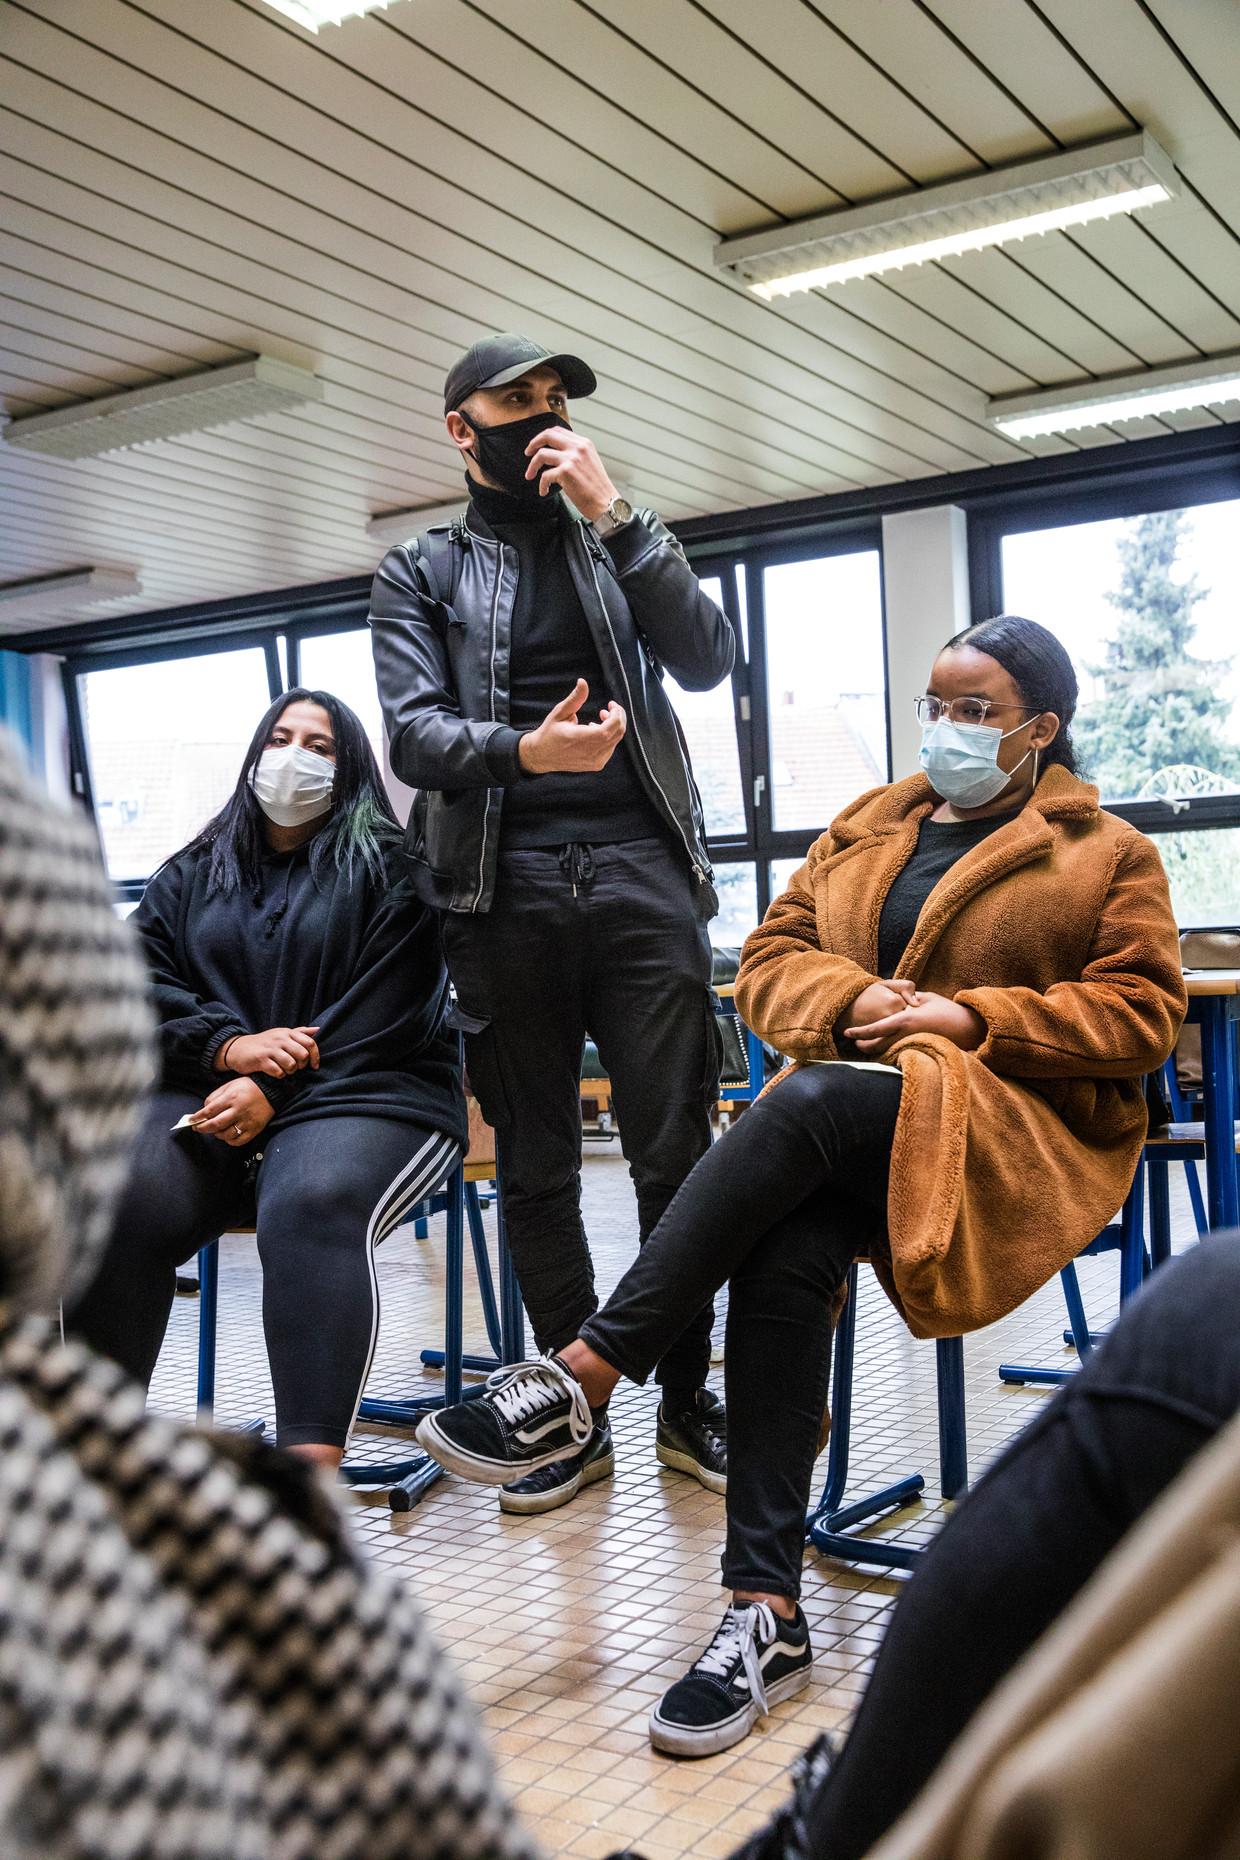 Radicaliseringsexpert Montasser AlDe'emeh voert al jaren klasgesprekken in Brusselse scholen: 'Ze weten dat ik hun niets wil opdringen.' Beeld Aurélie Geurts